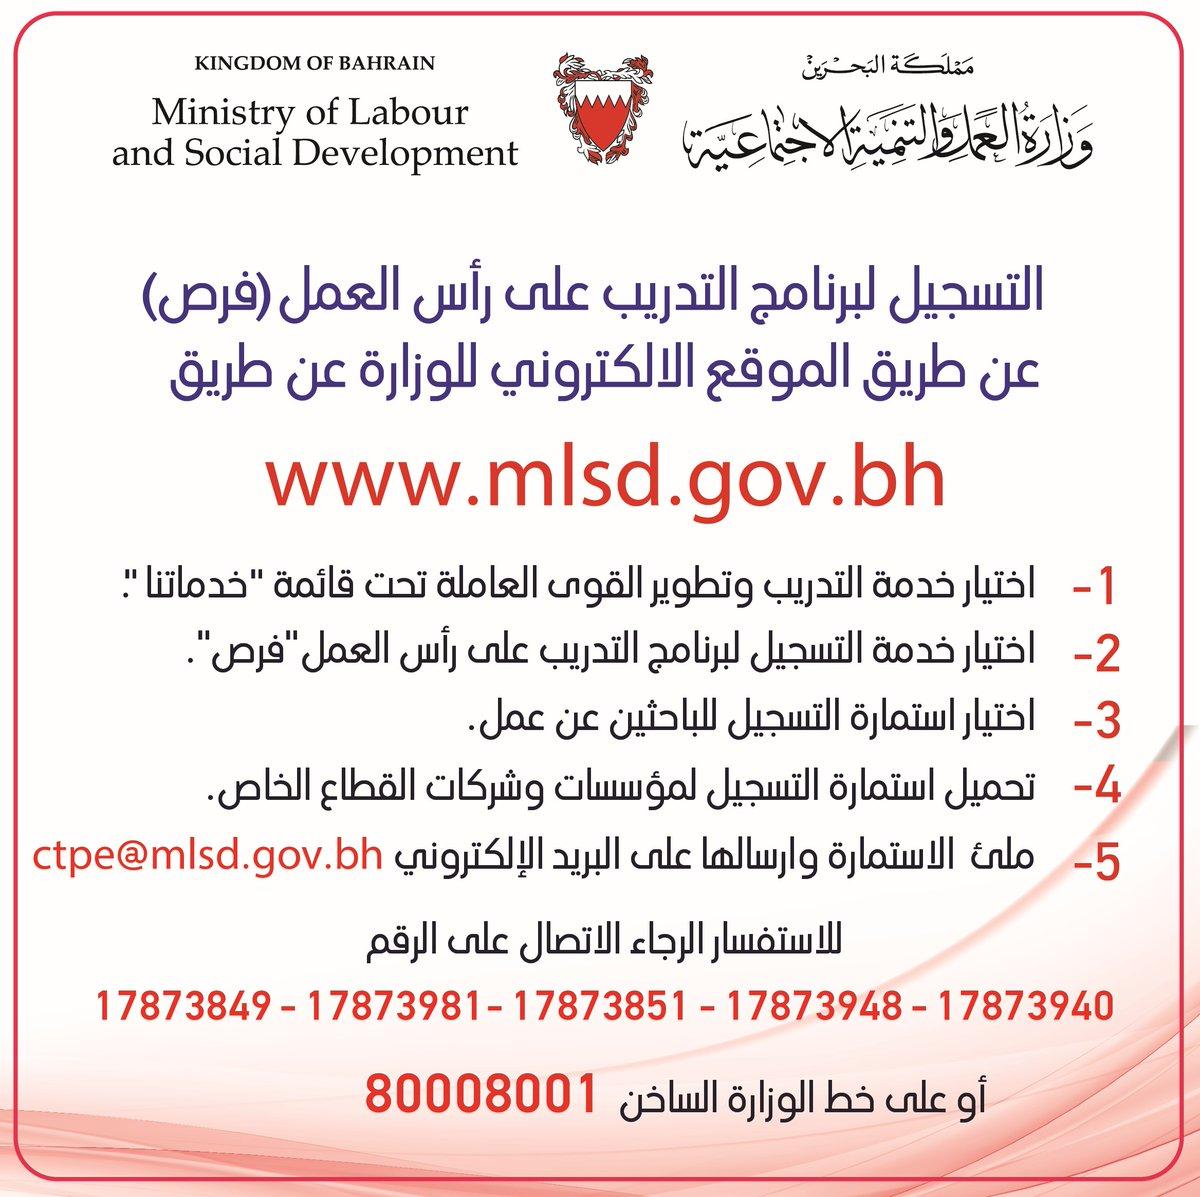 التدريب على الخدمات في موقع وزارة العمل